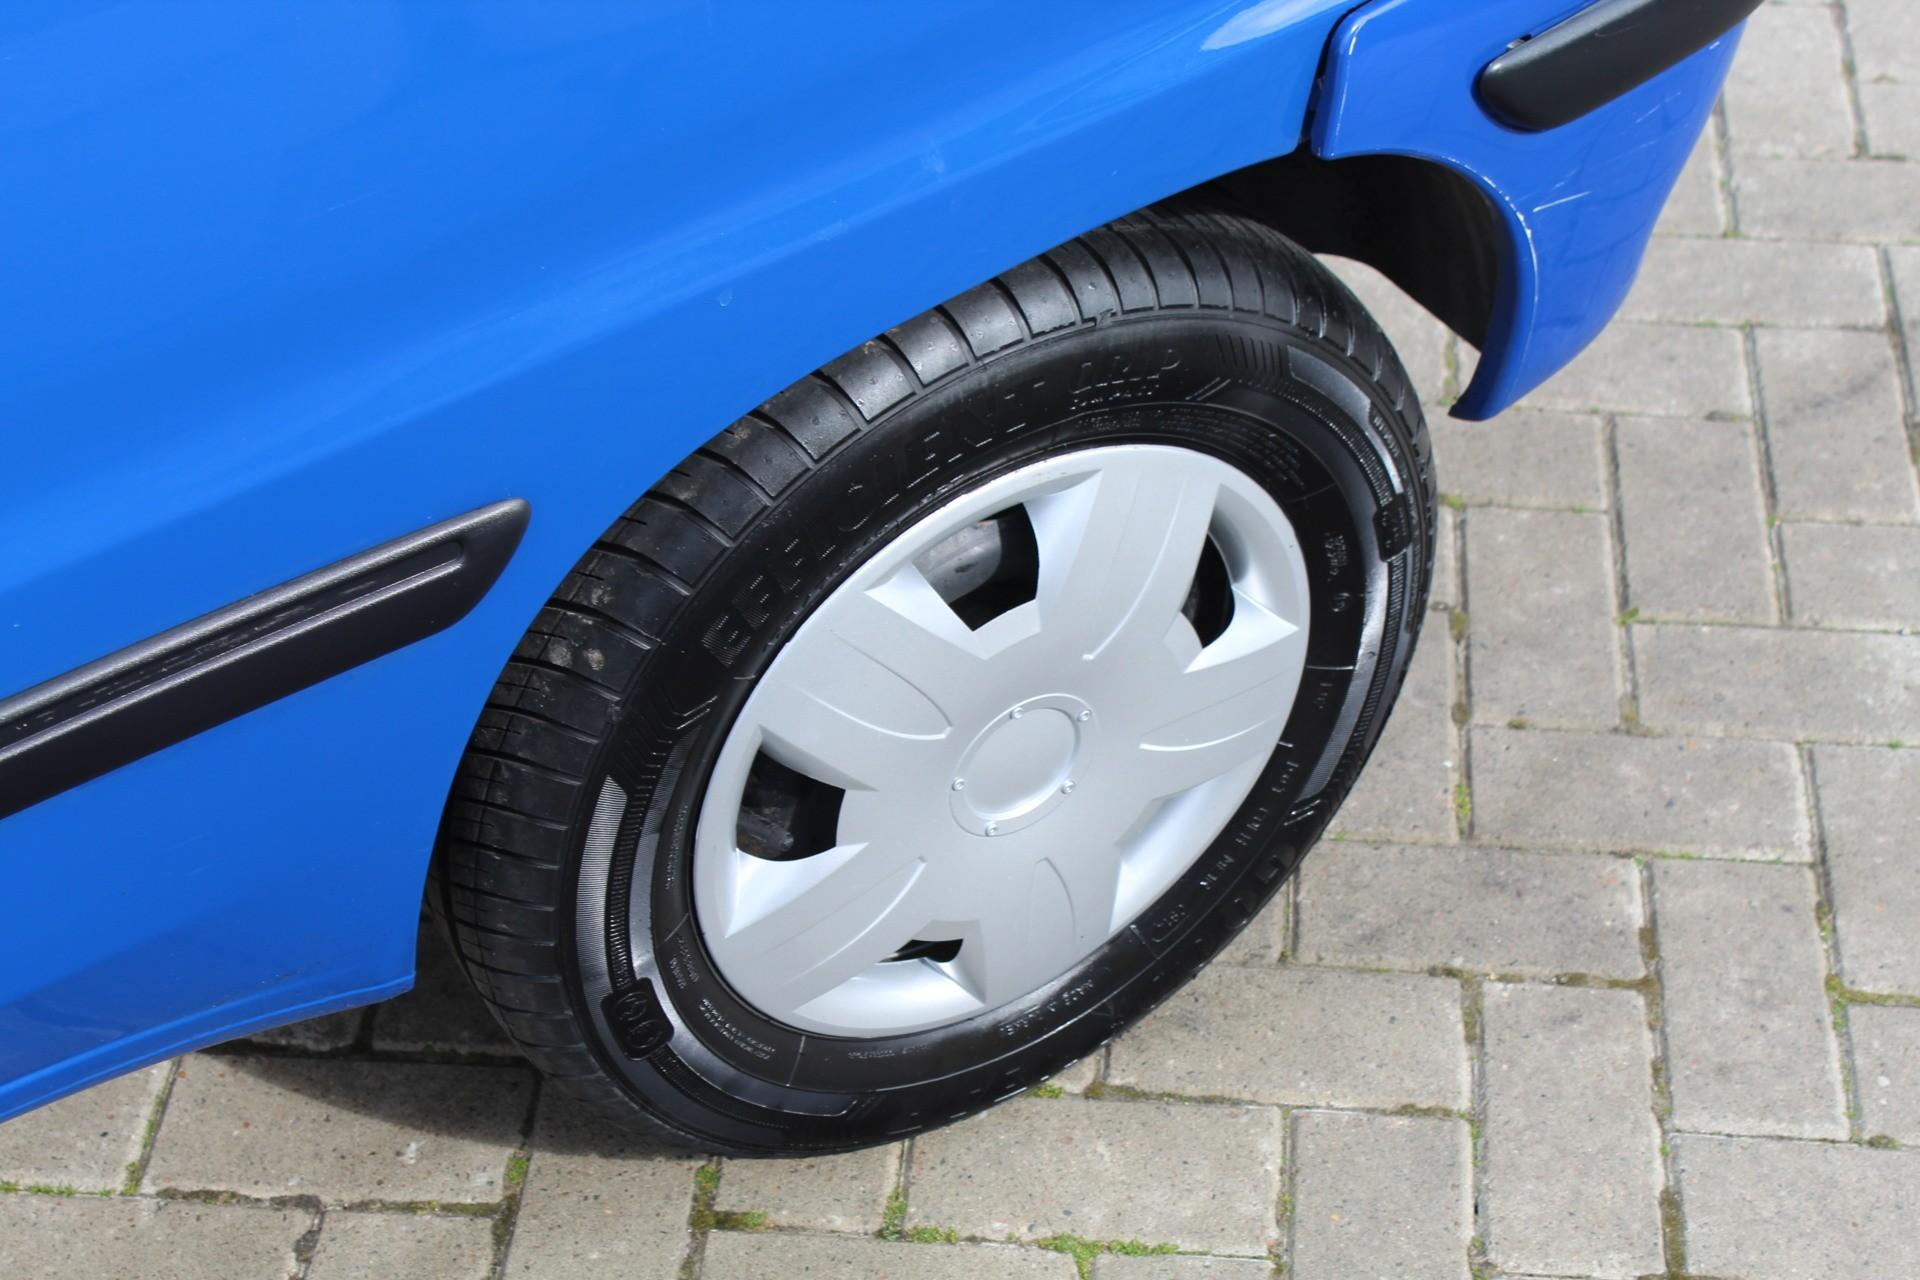 Caroutlet Groningen - Peugeot 106 1.1 XT | NIEUWE APK | STUURBEKRACHTIGING | 147.000KM |